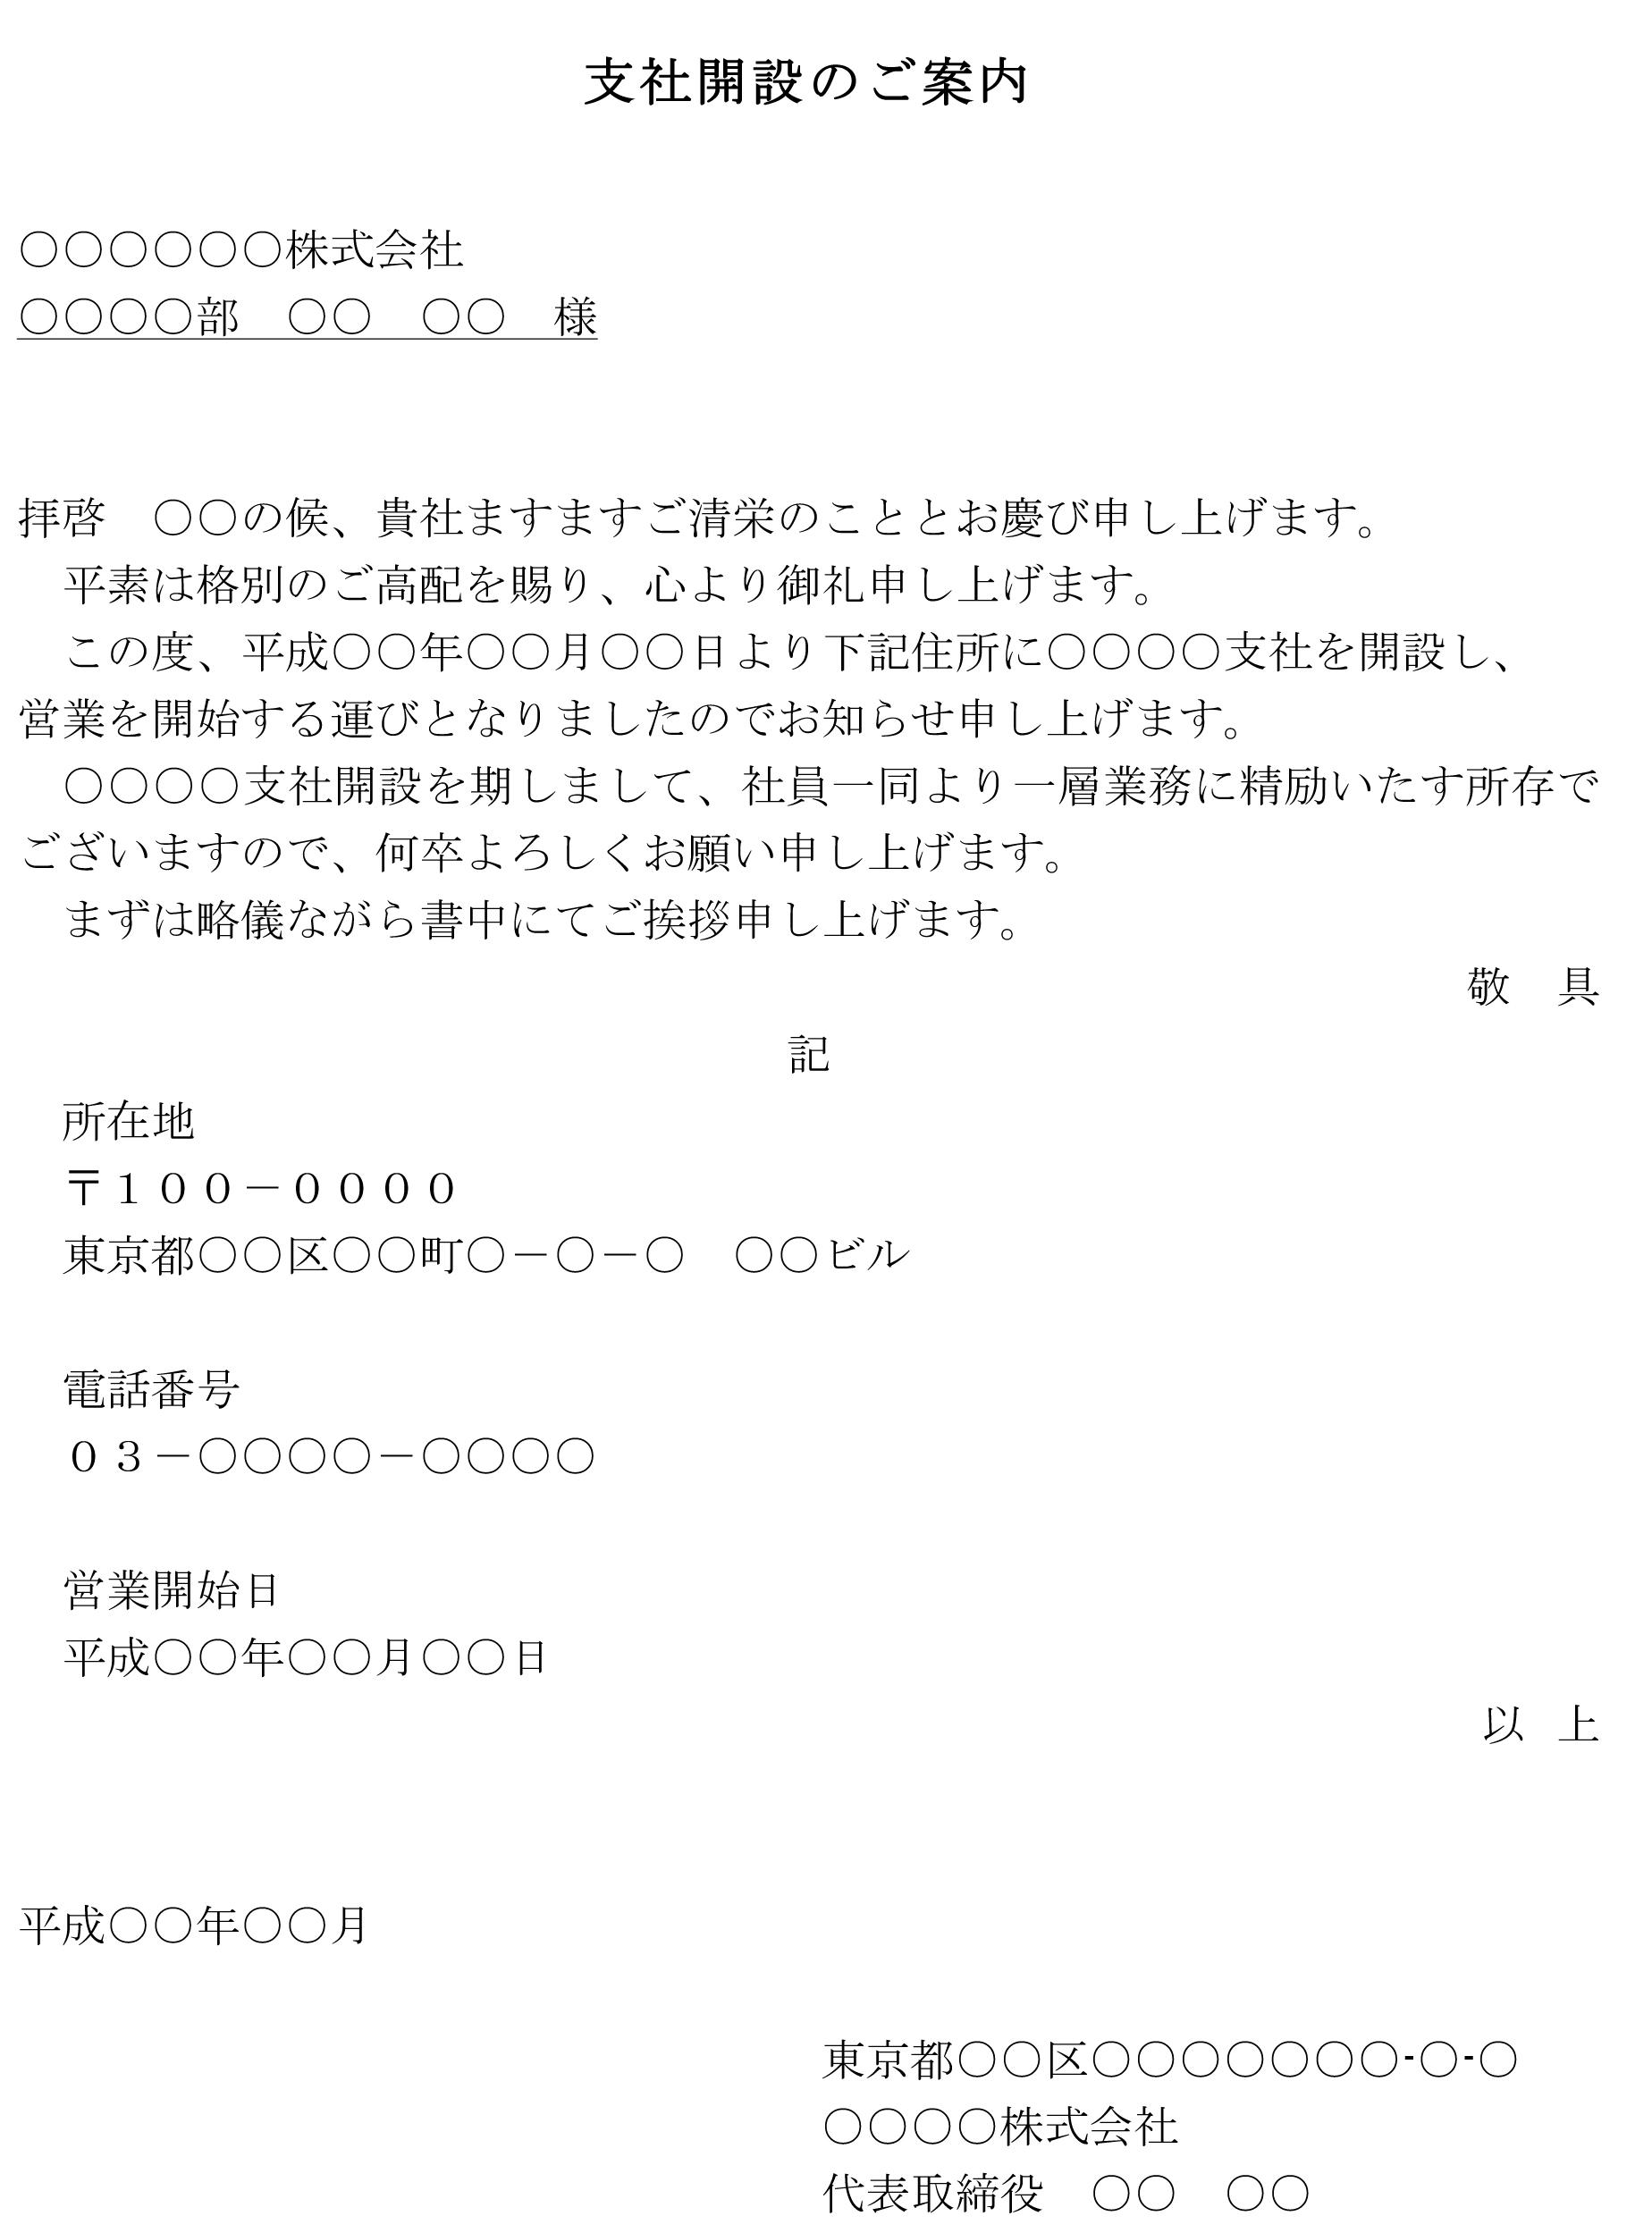 挨拶状(支社開設)02